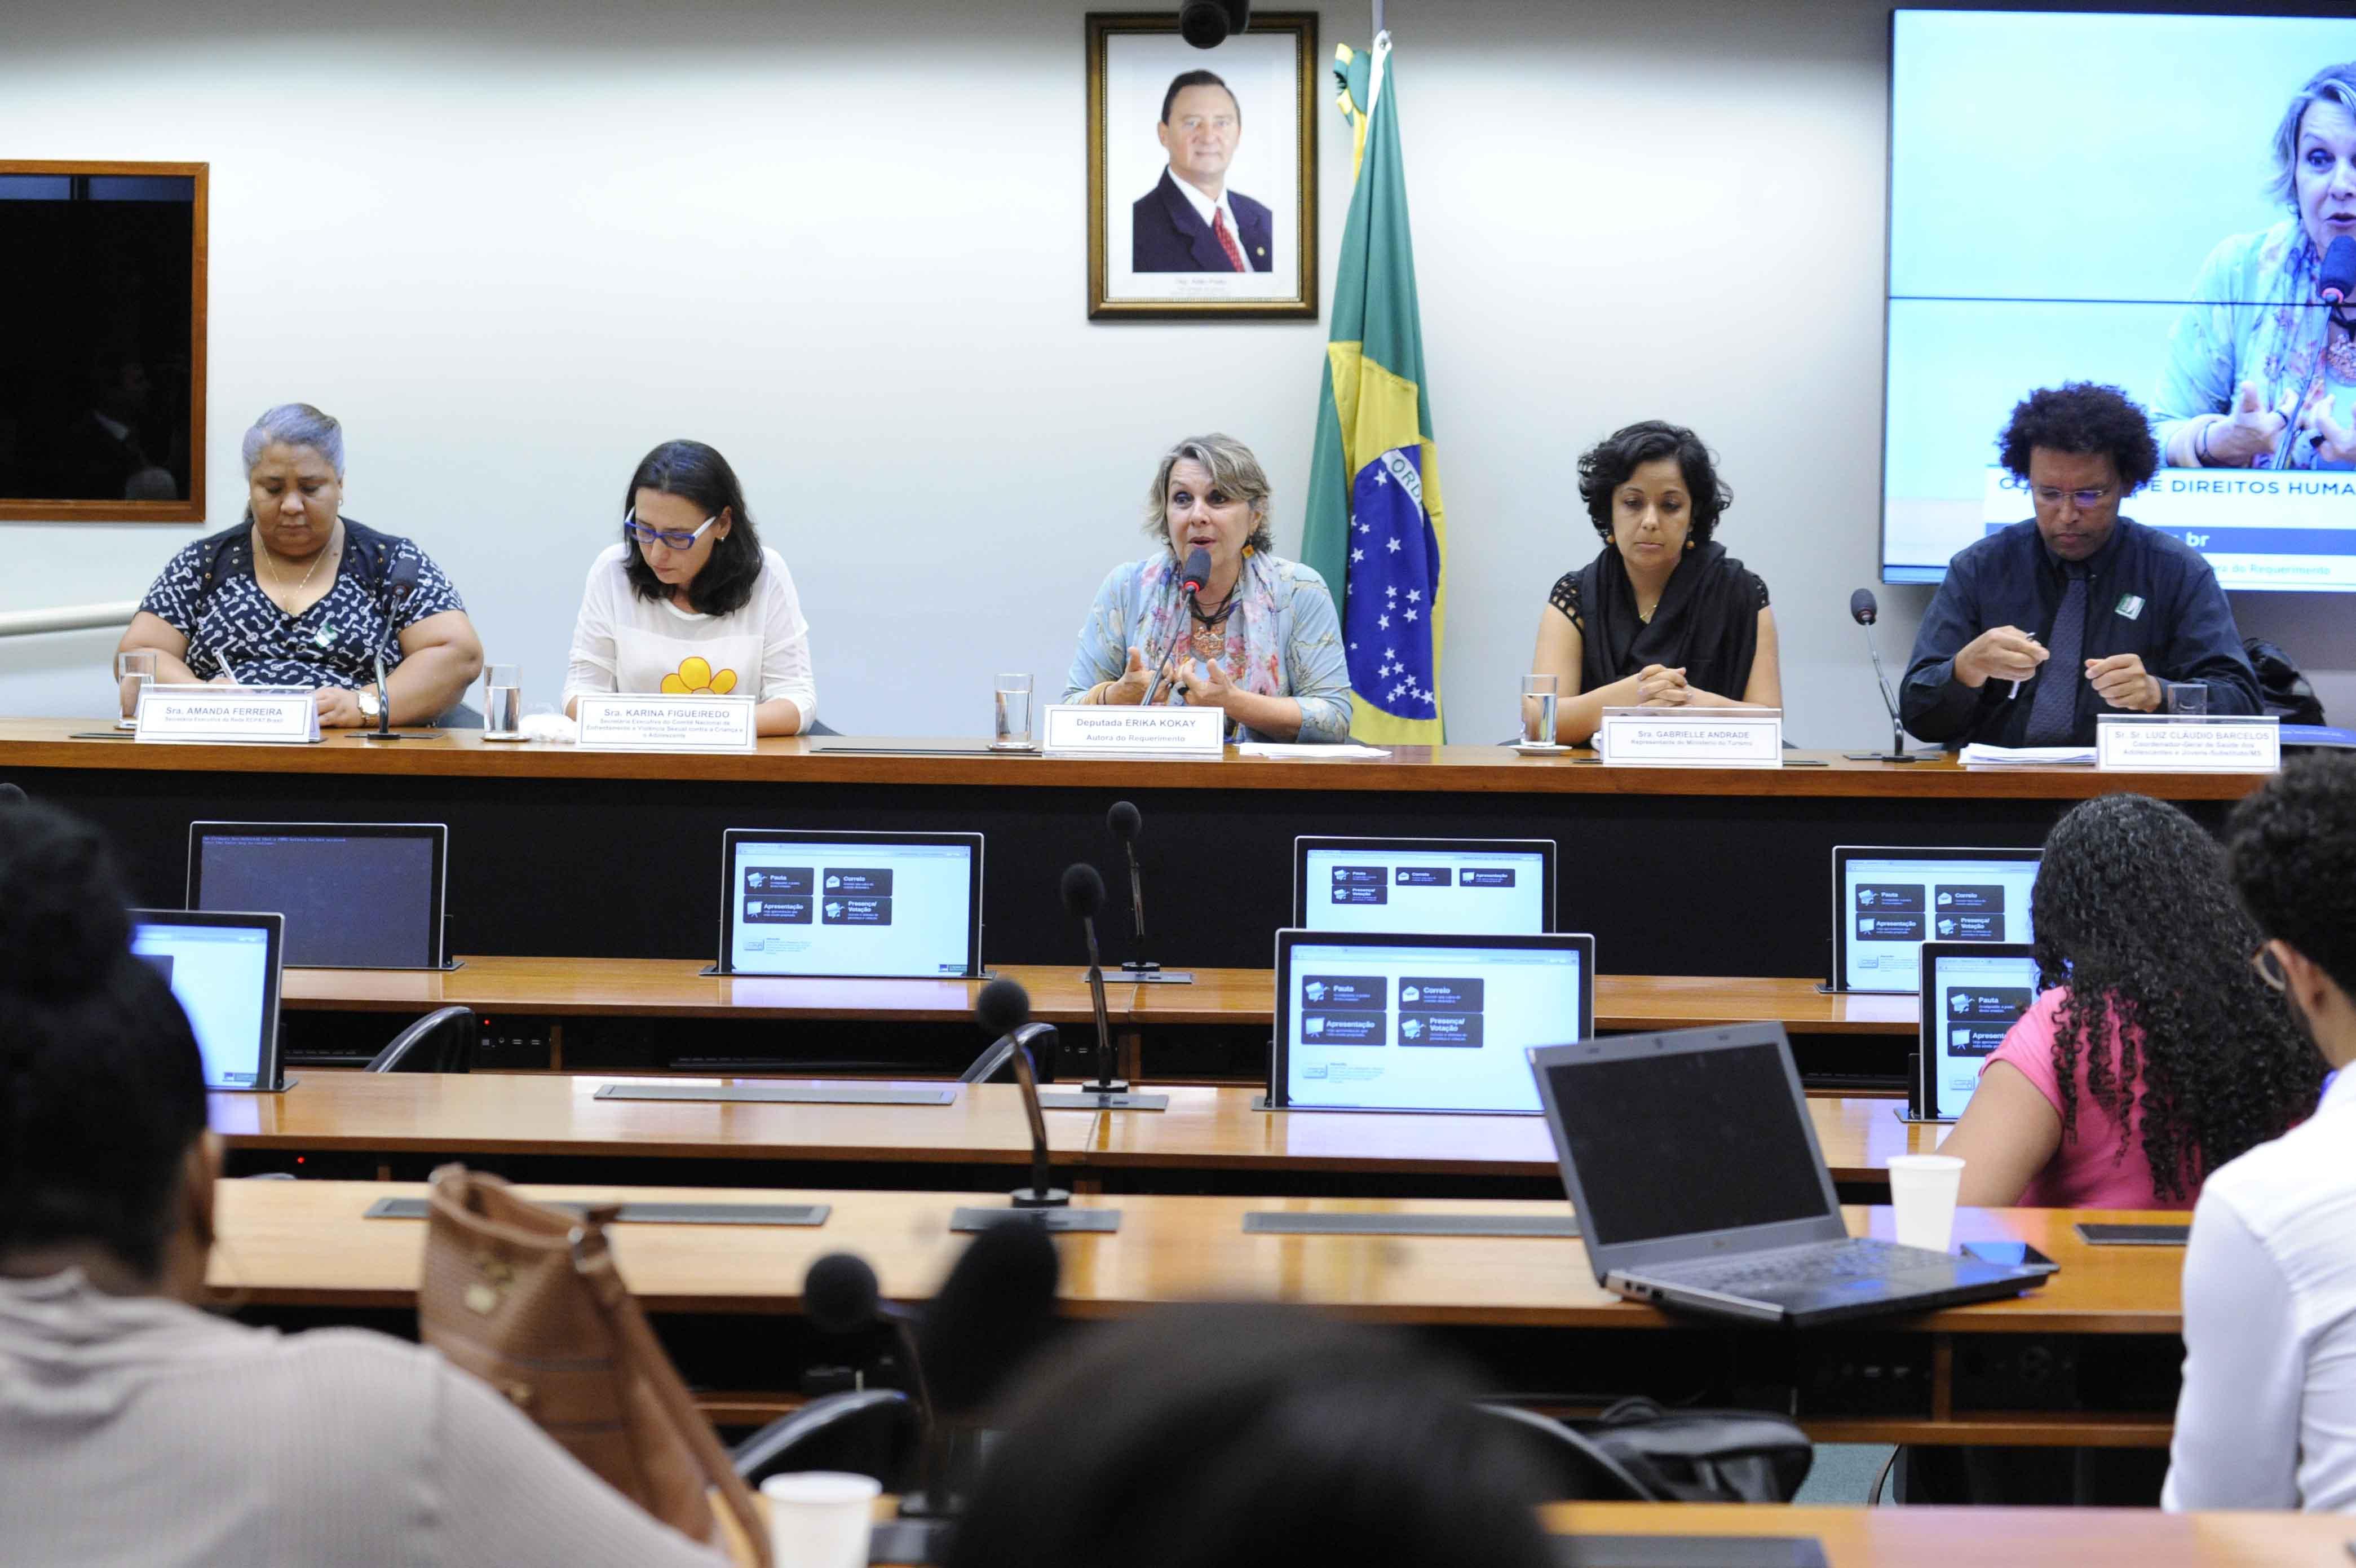 Audiência pública sobre as políticas nacionais de enfrentamento ao abuso e à exploração sexual de crianças e adolescentes no Brasil